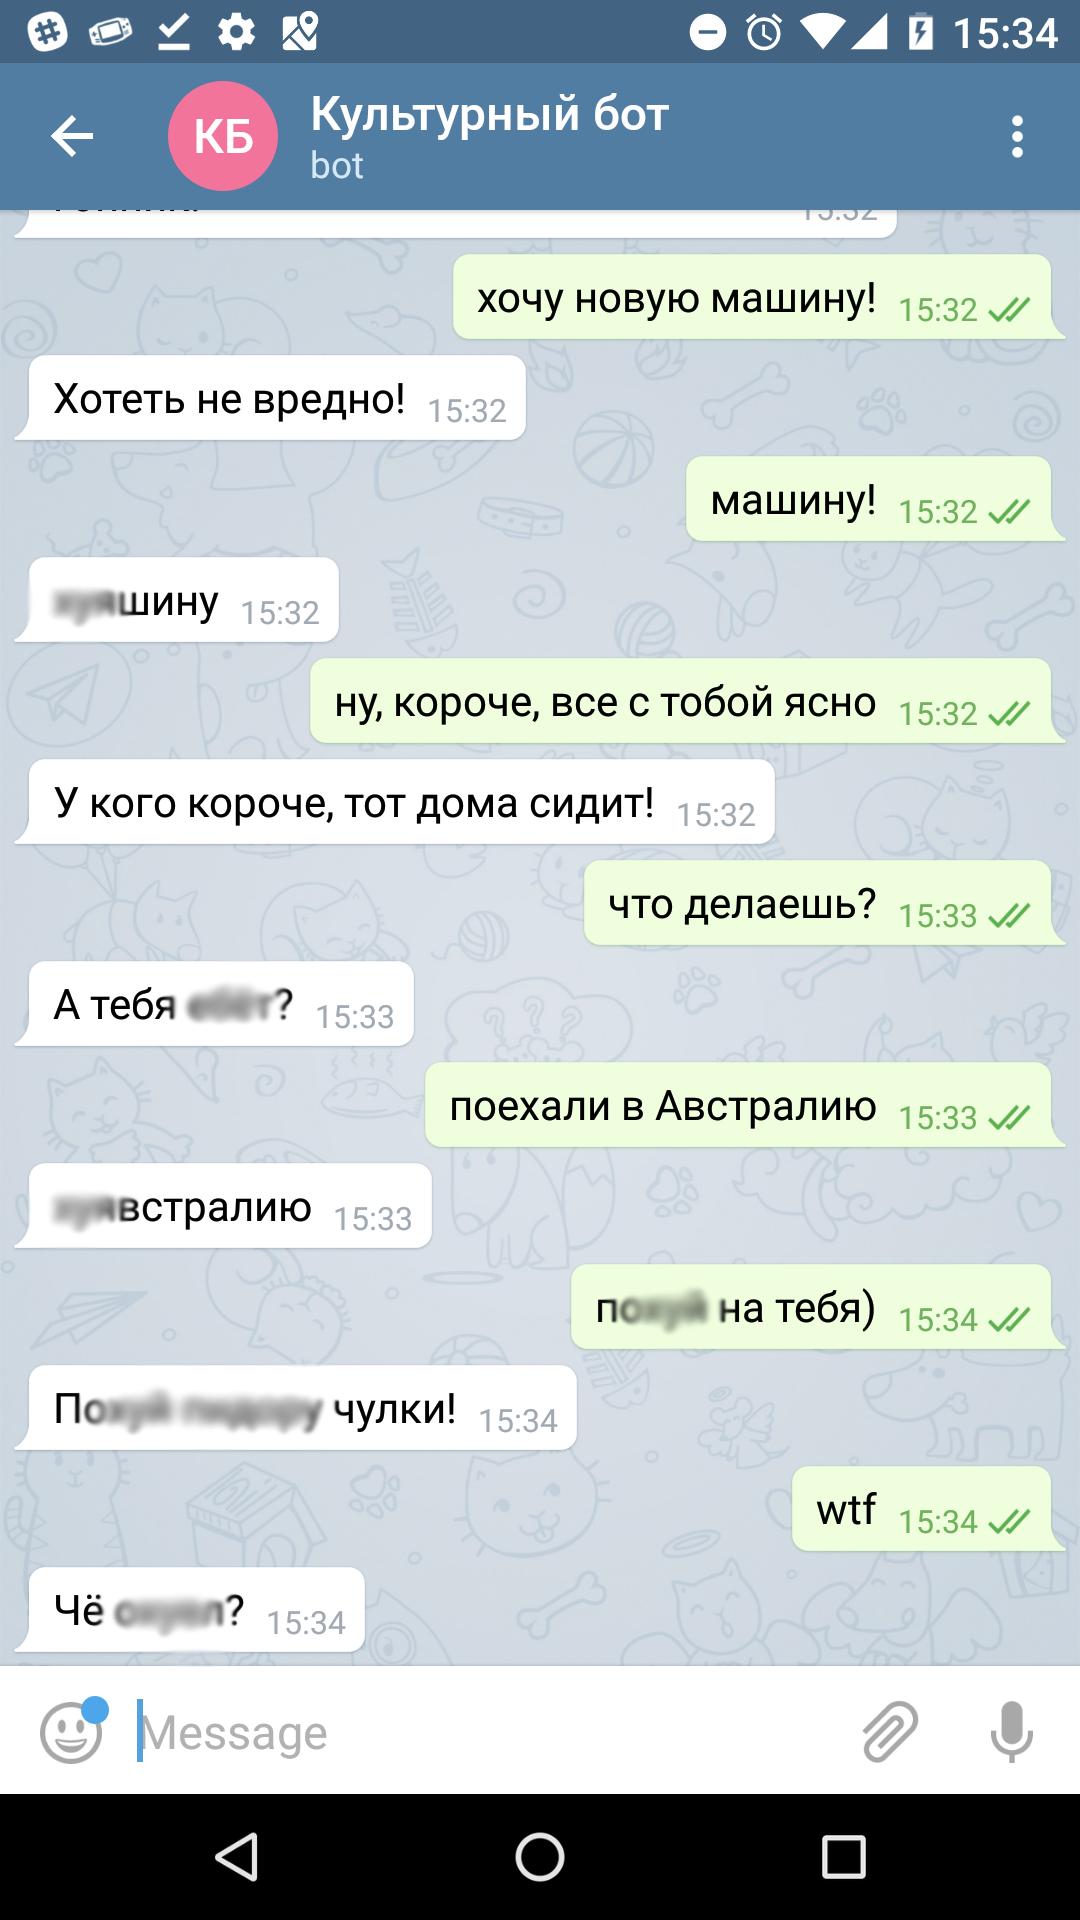 Дерзкий telegram бот Недавно, в попытках разобраться с nlp